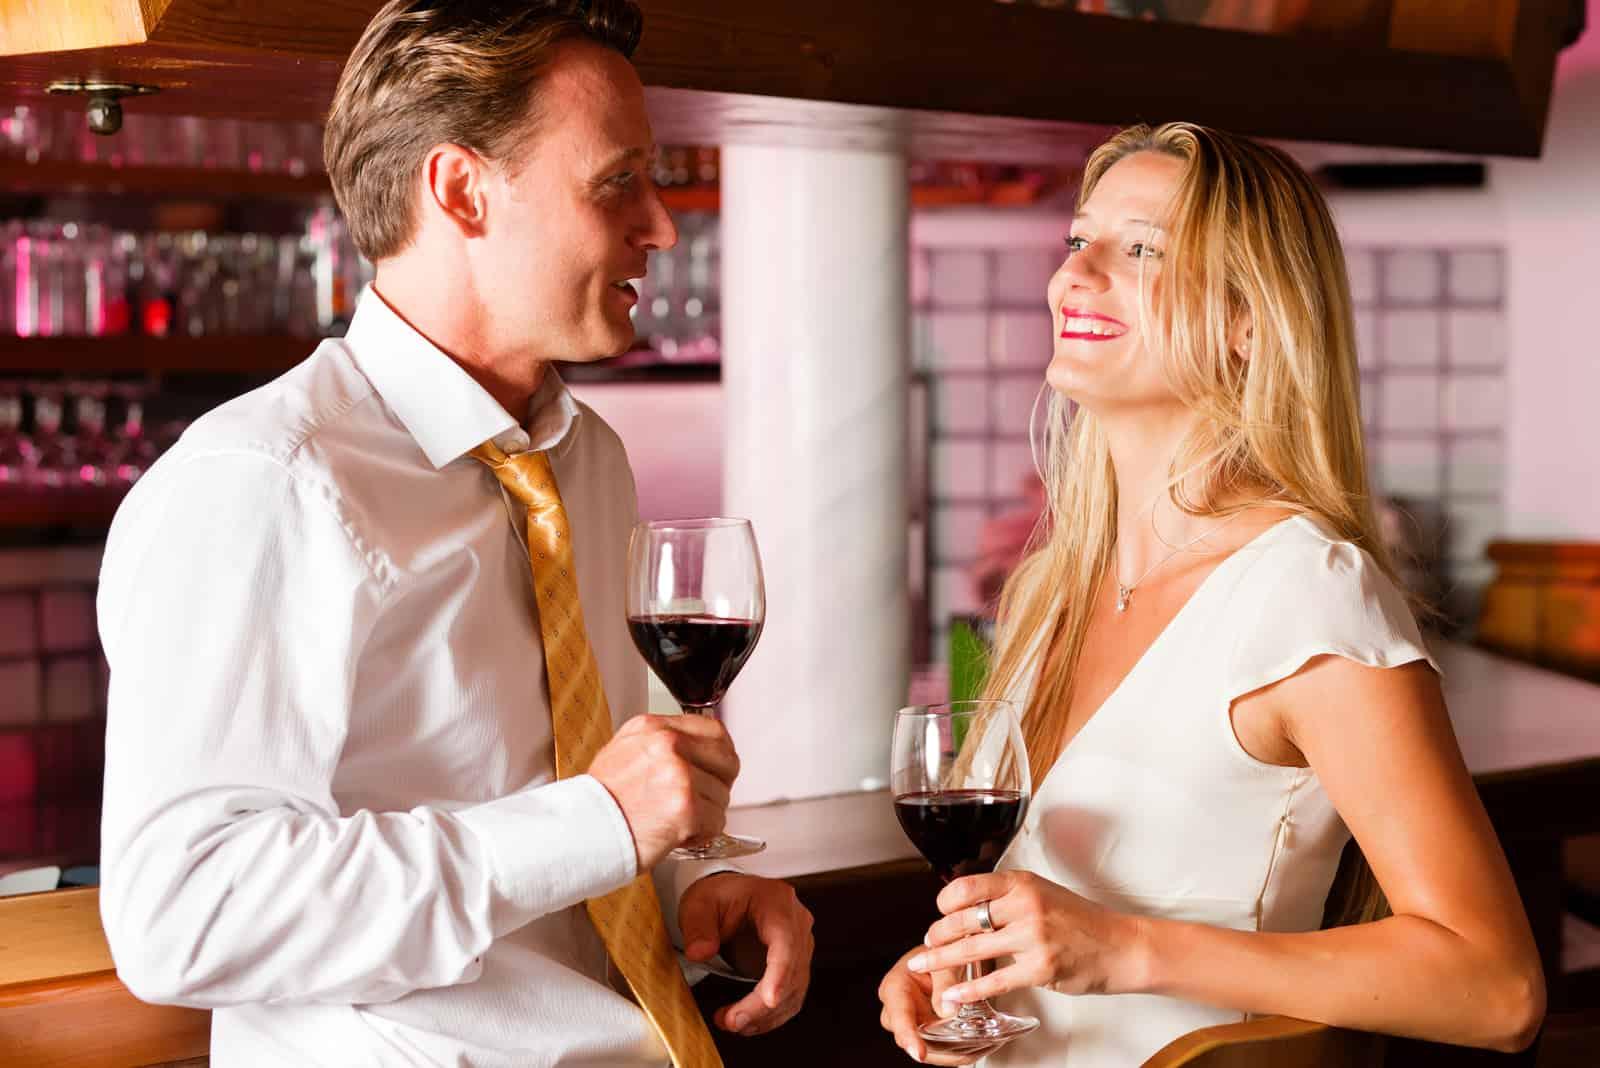 Un homme et une femme souriants se tiennent debout et parlent avec des verres de vin dans leurs mains